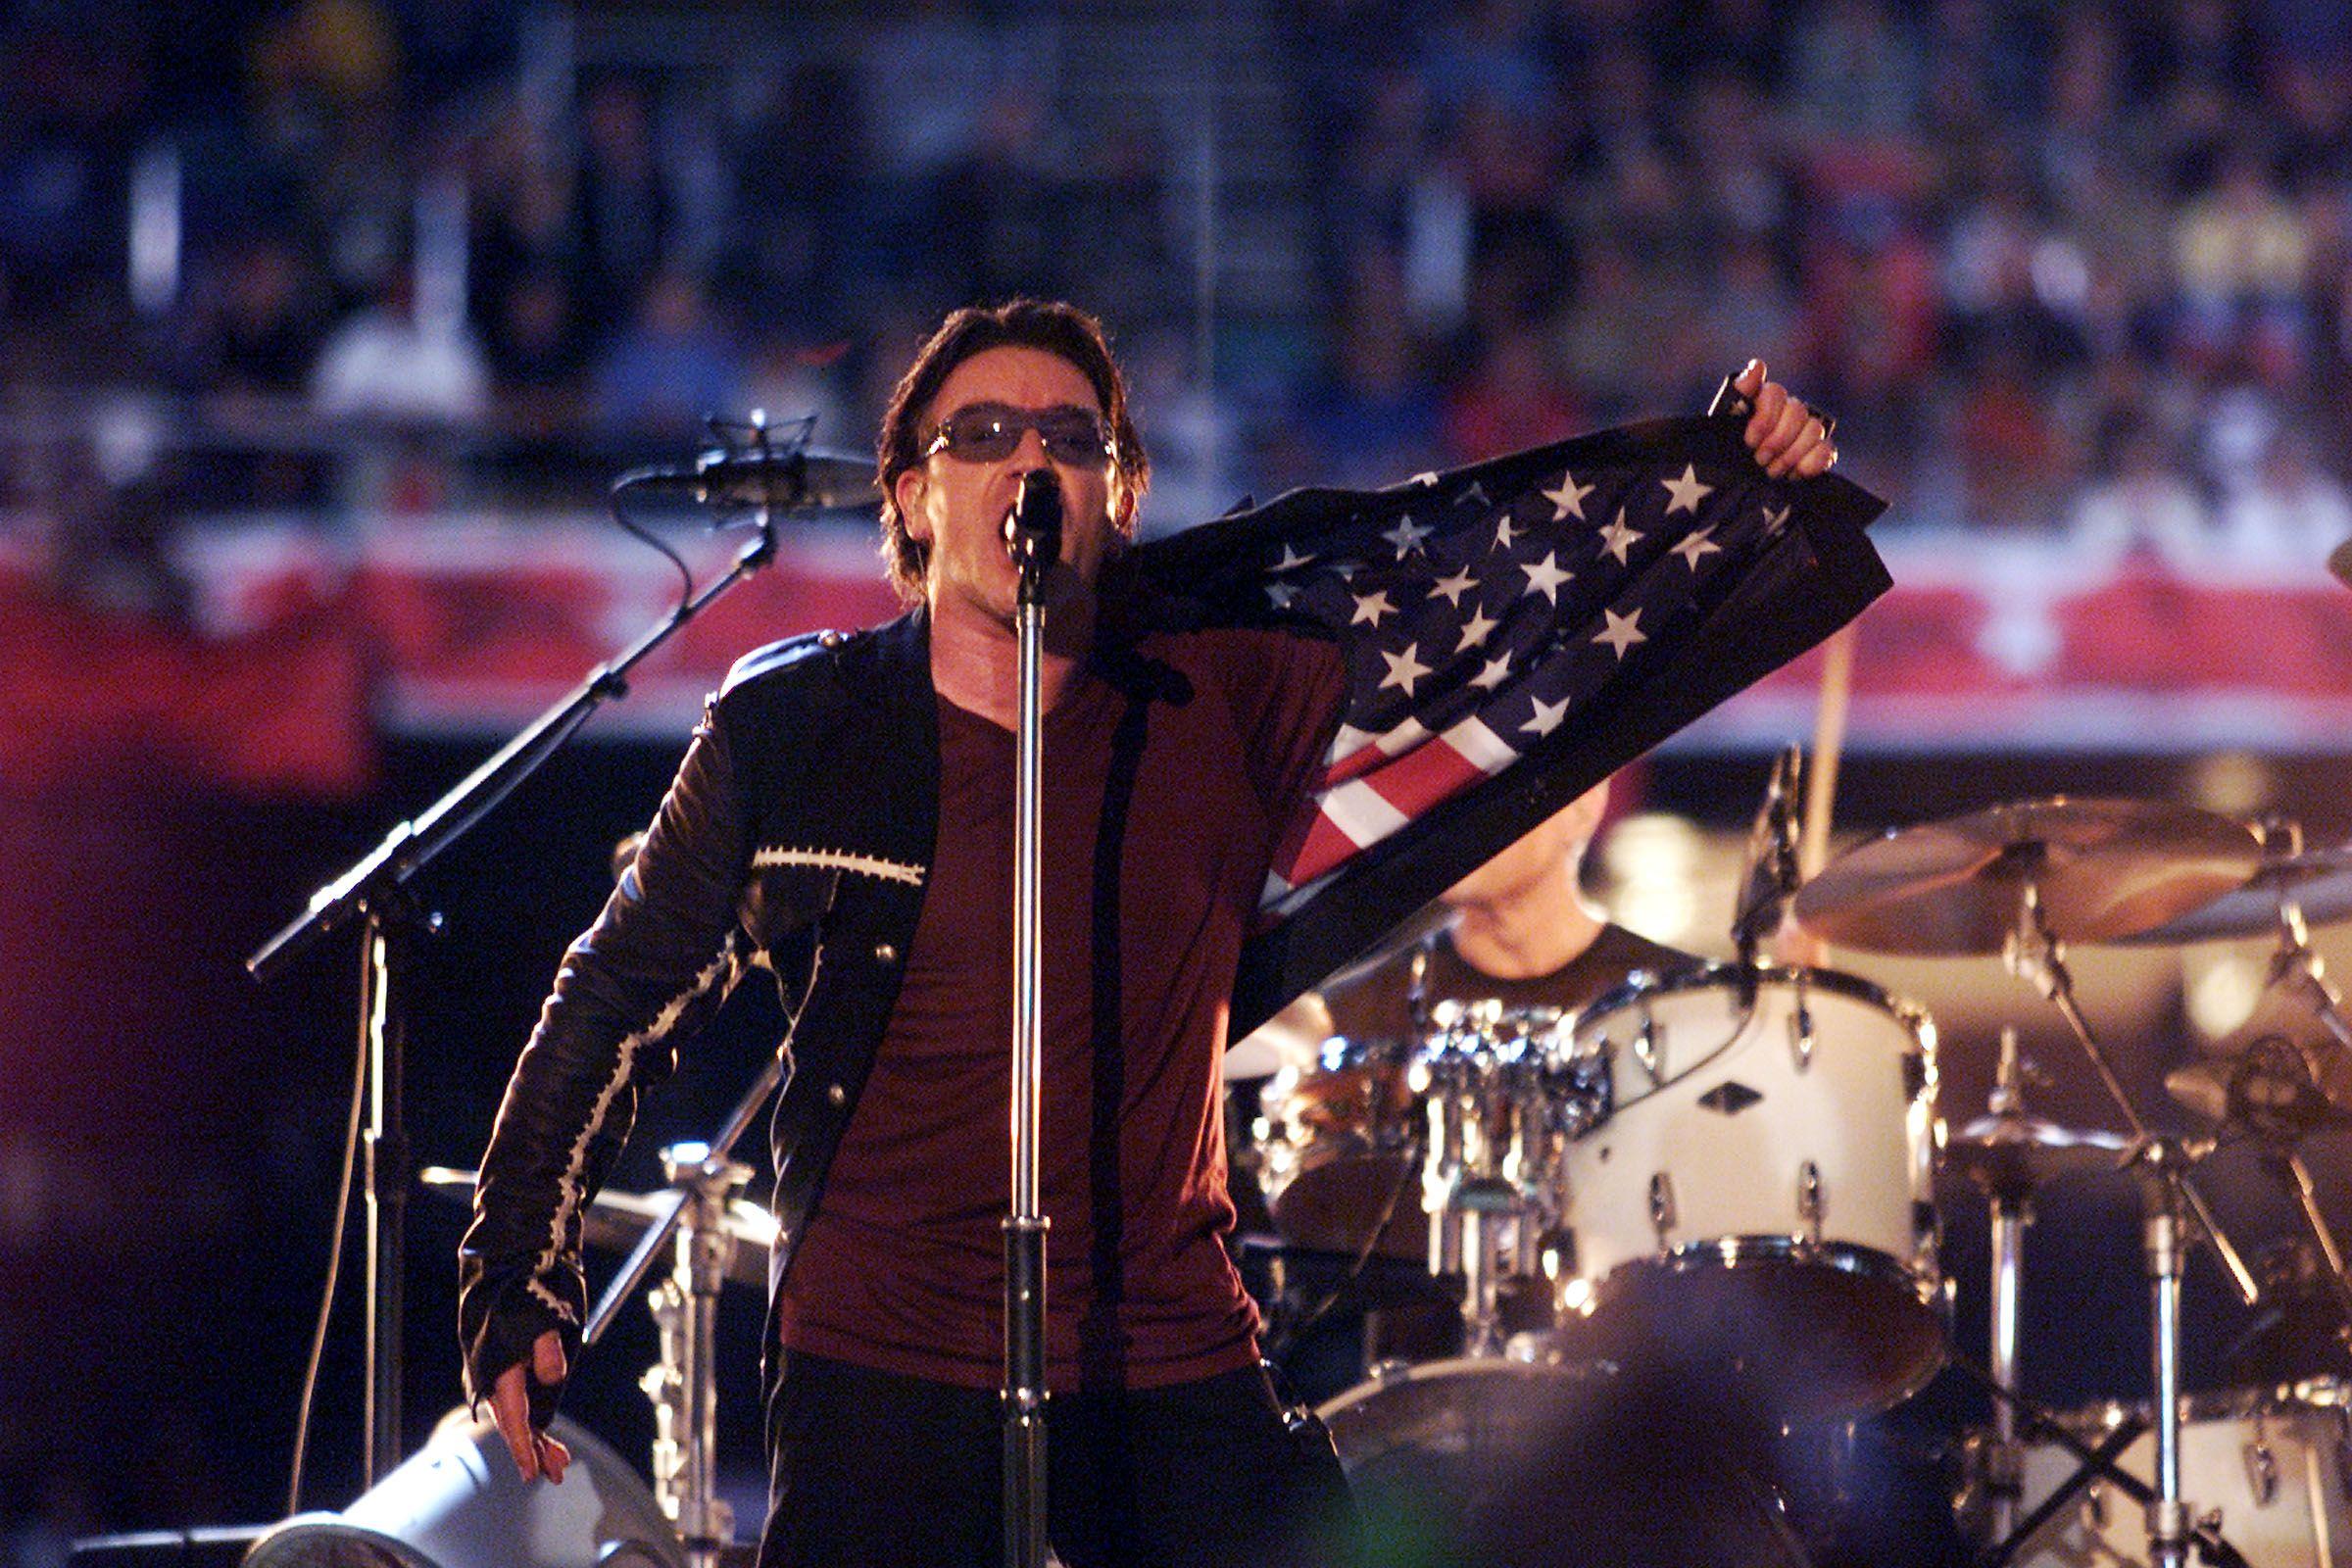 Super Bowl XXXVI: U2 Honors 9/11 Victims (2002)